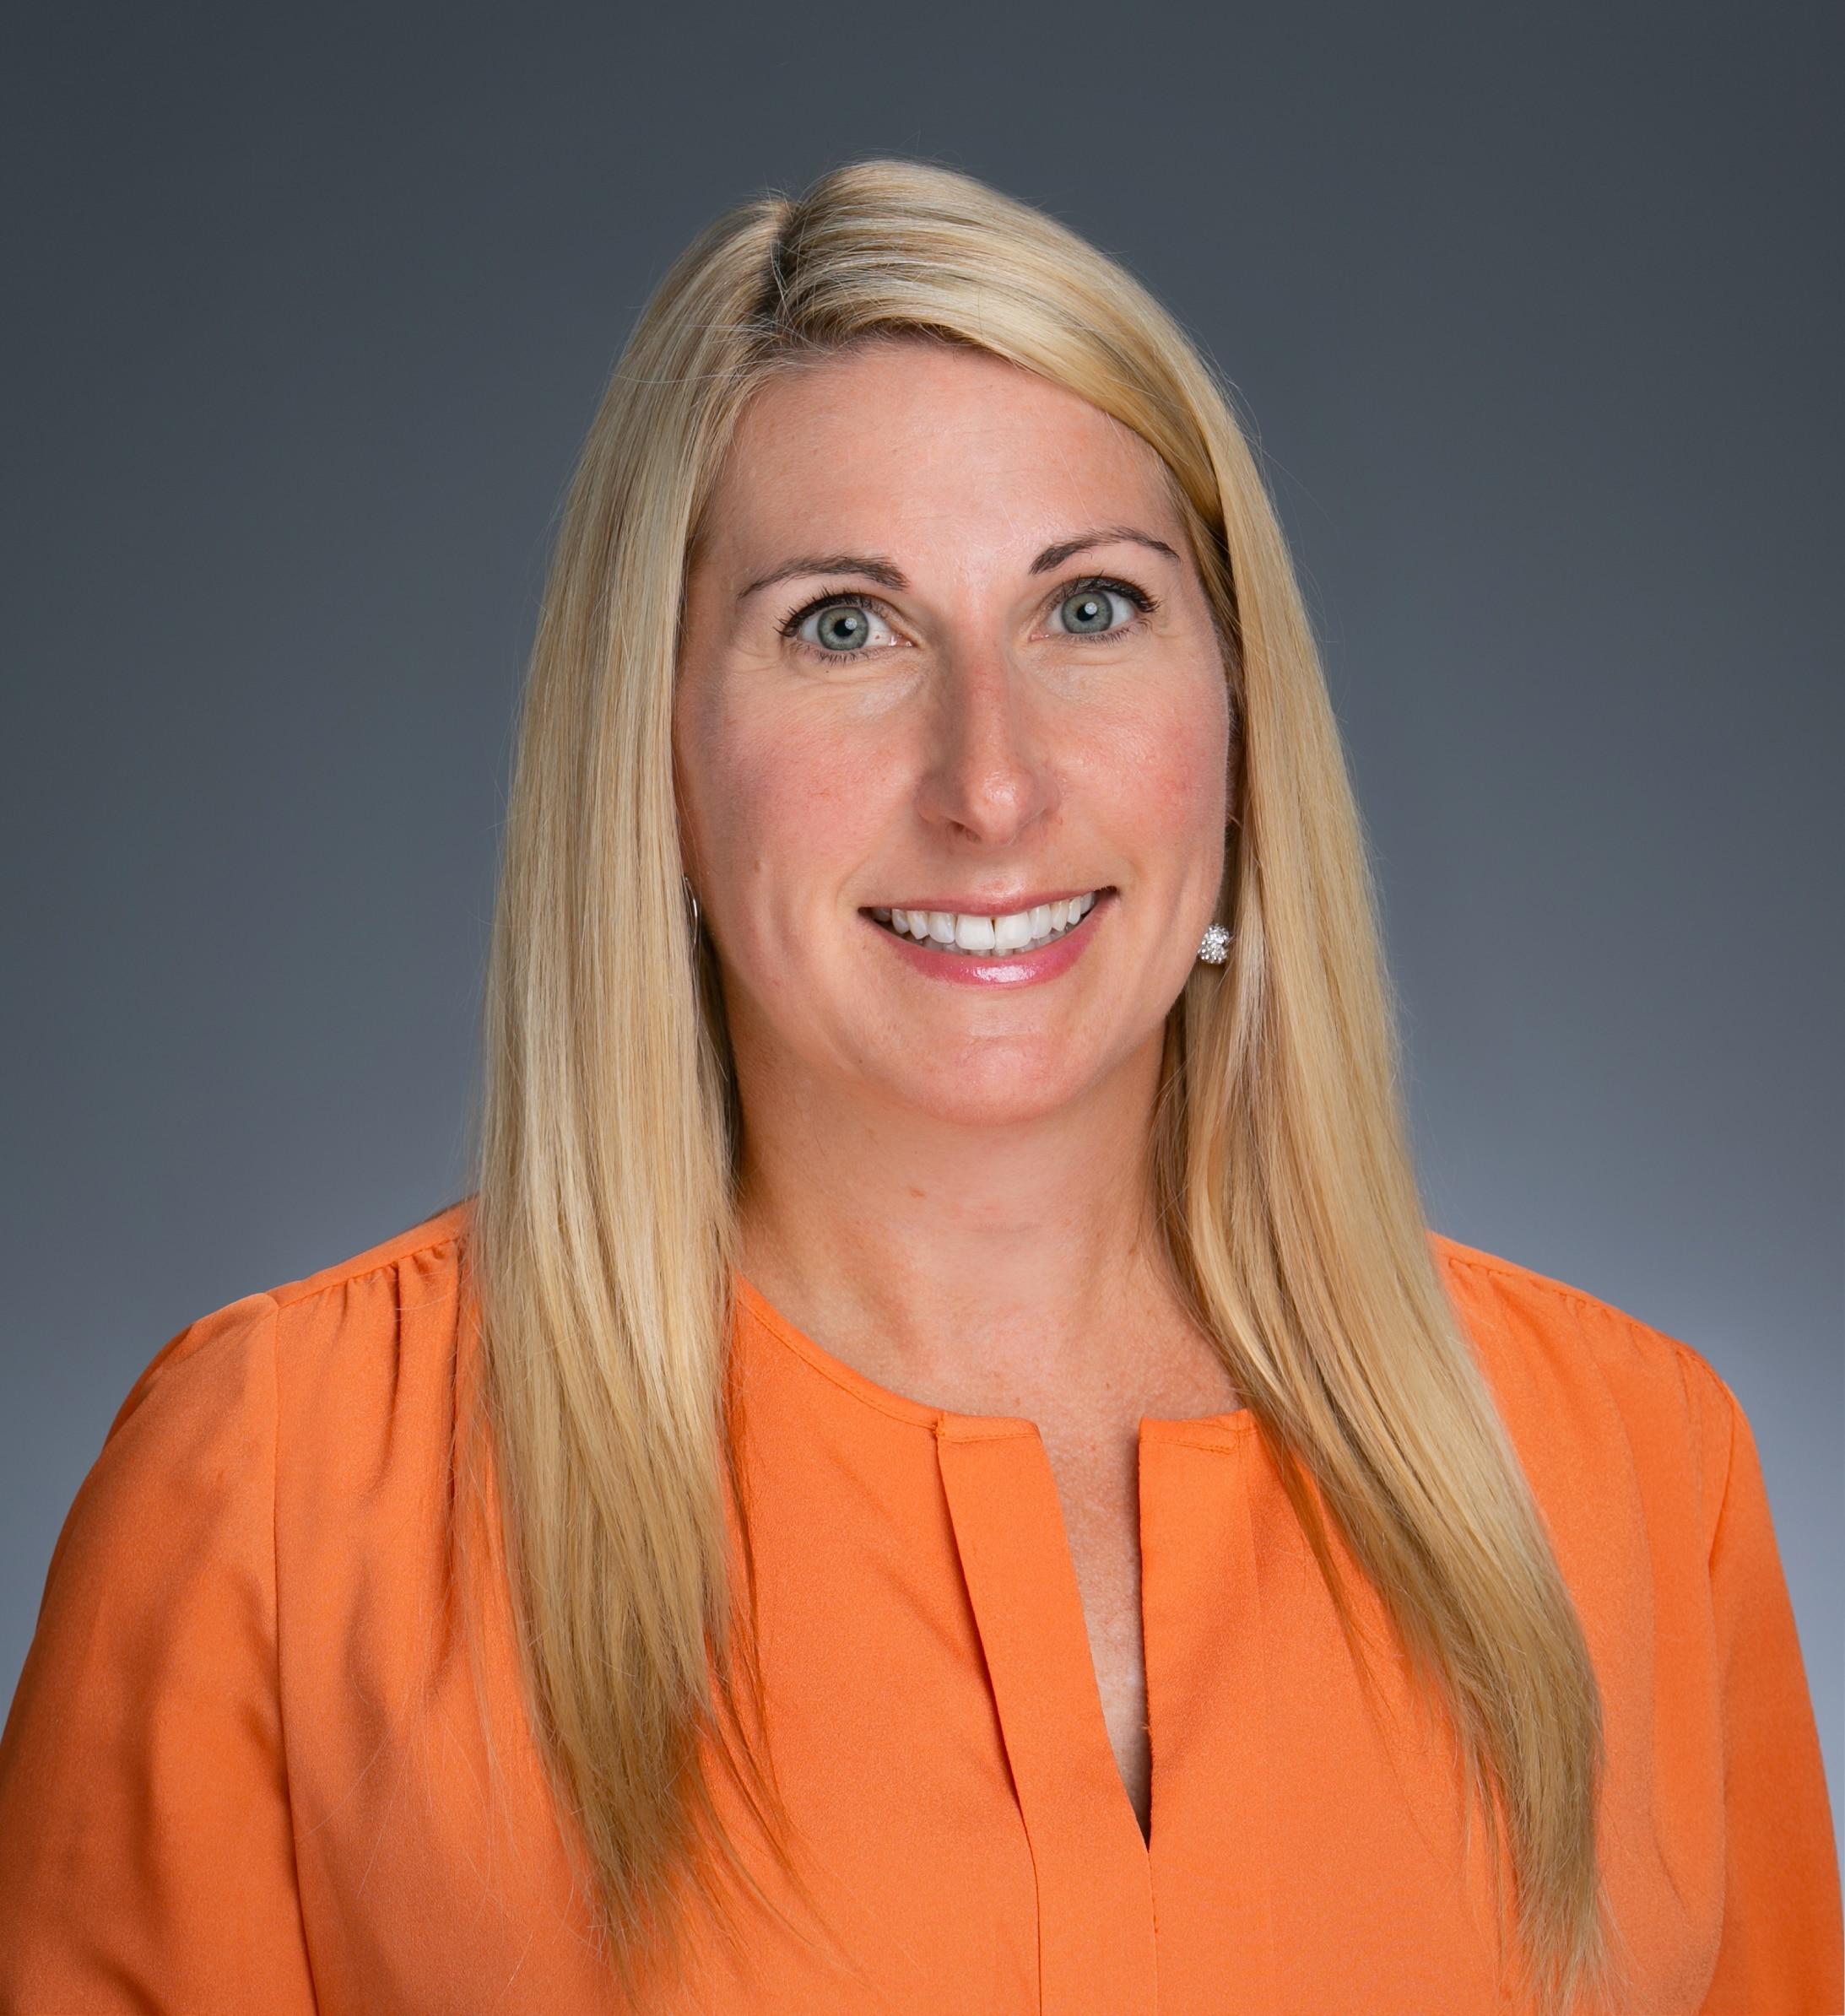 Dr. Heather B Westmoreland MD, FACC